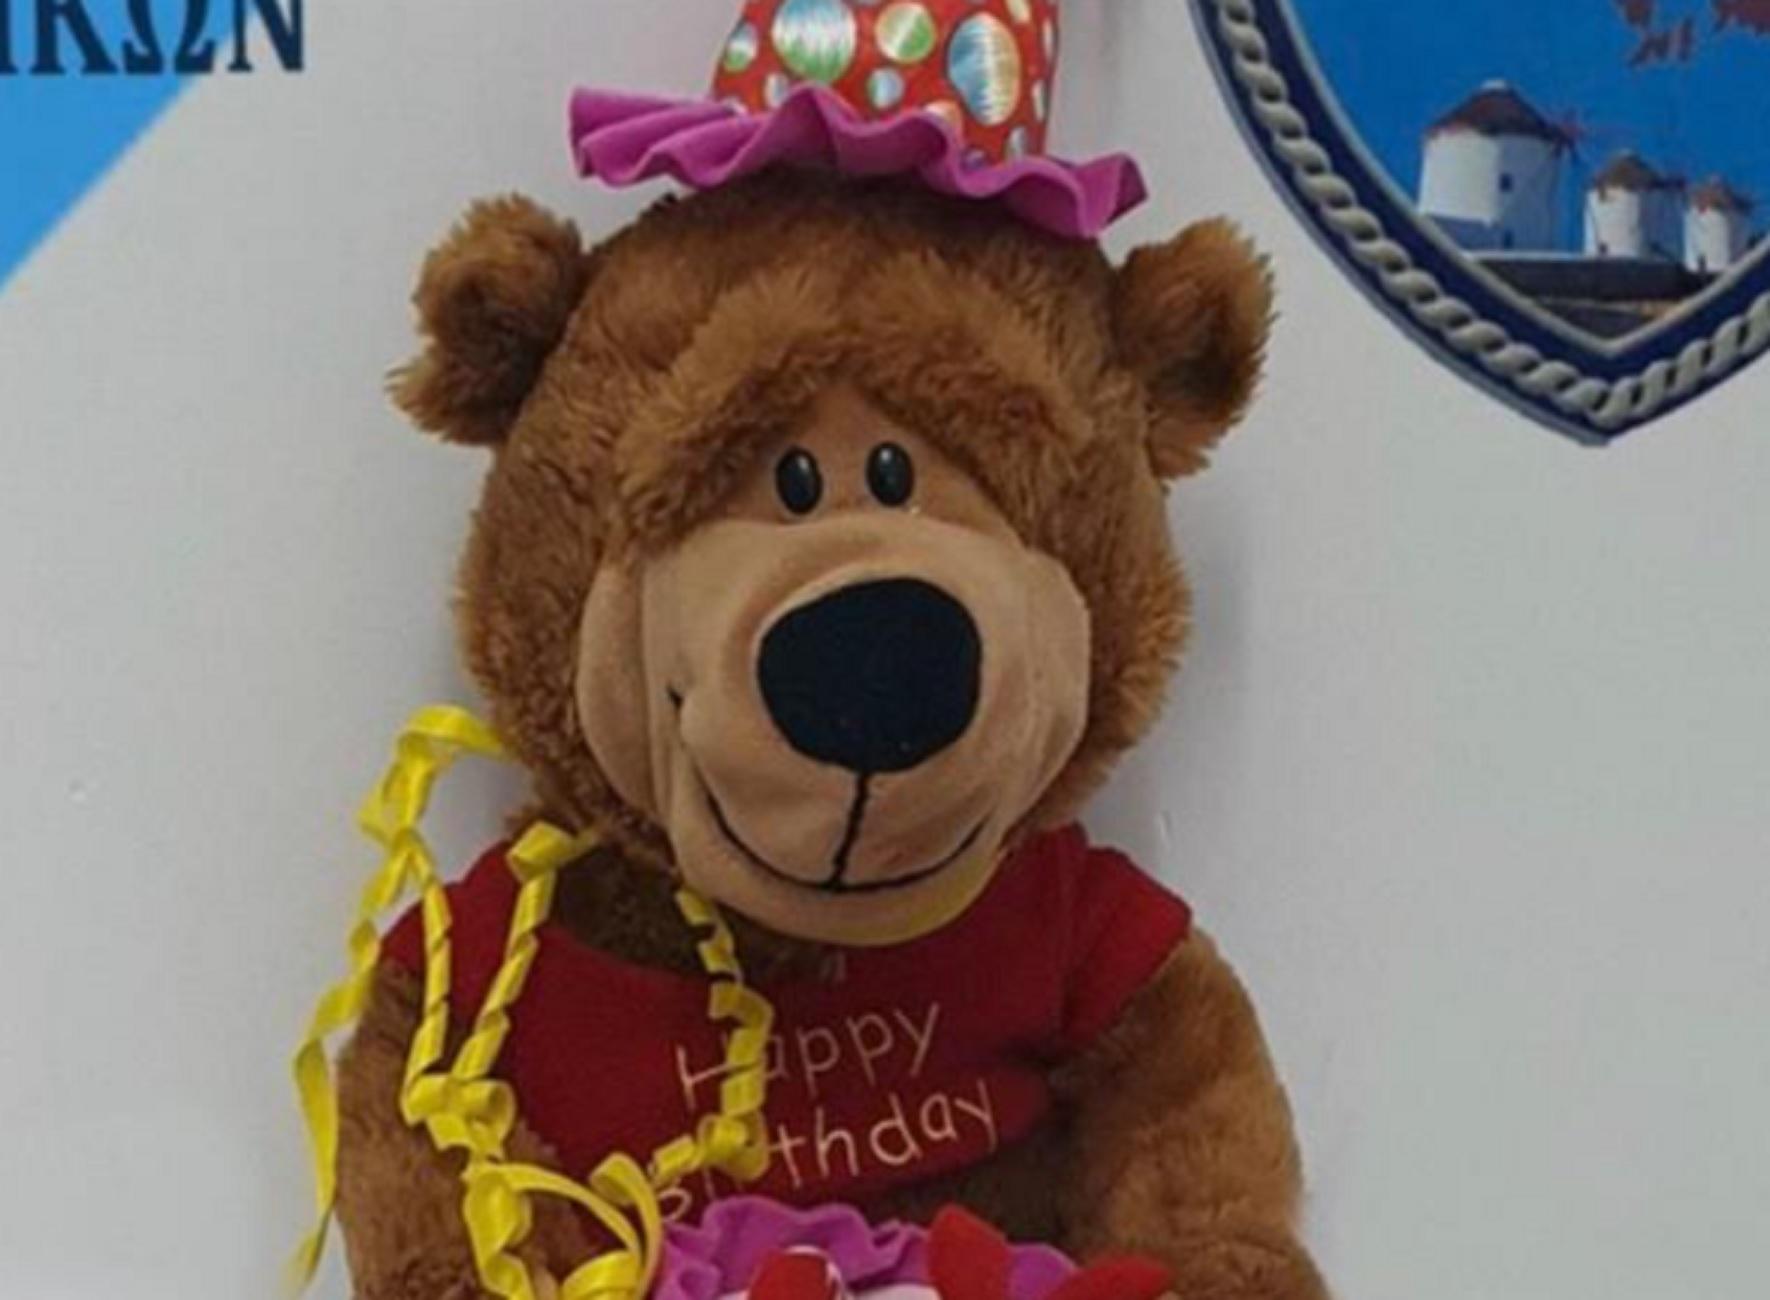 Μύκονος: Λούτρινο αρκουδάκι γεμάτο κοκαϊνη – Ο «Άρης» και η ξανθιά κοπέλα που αποκάλυψε τα πάντα (pics)